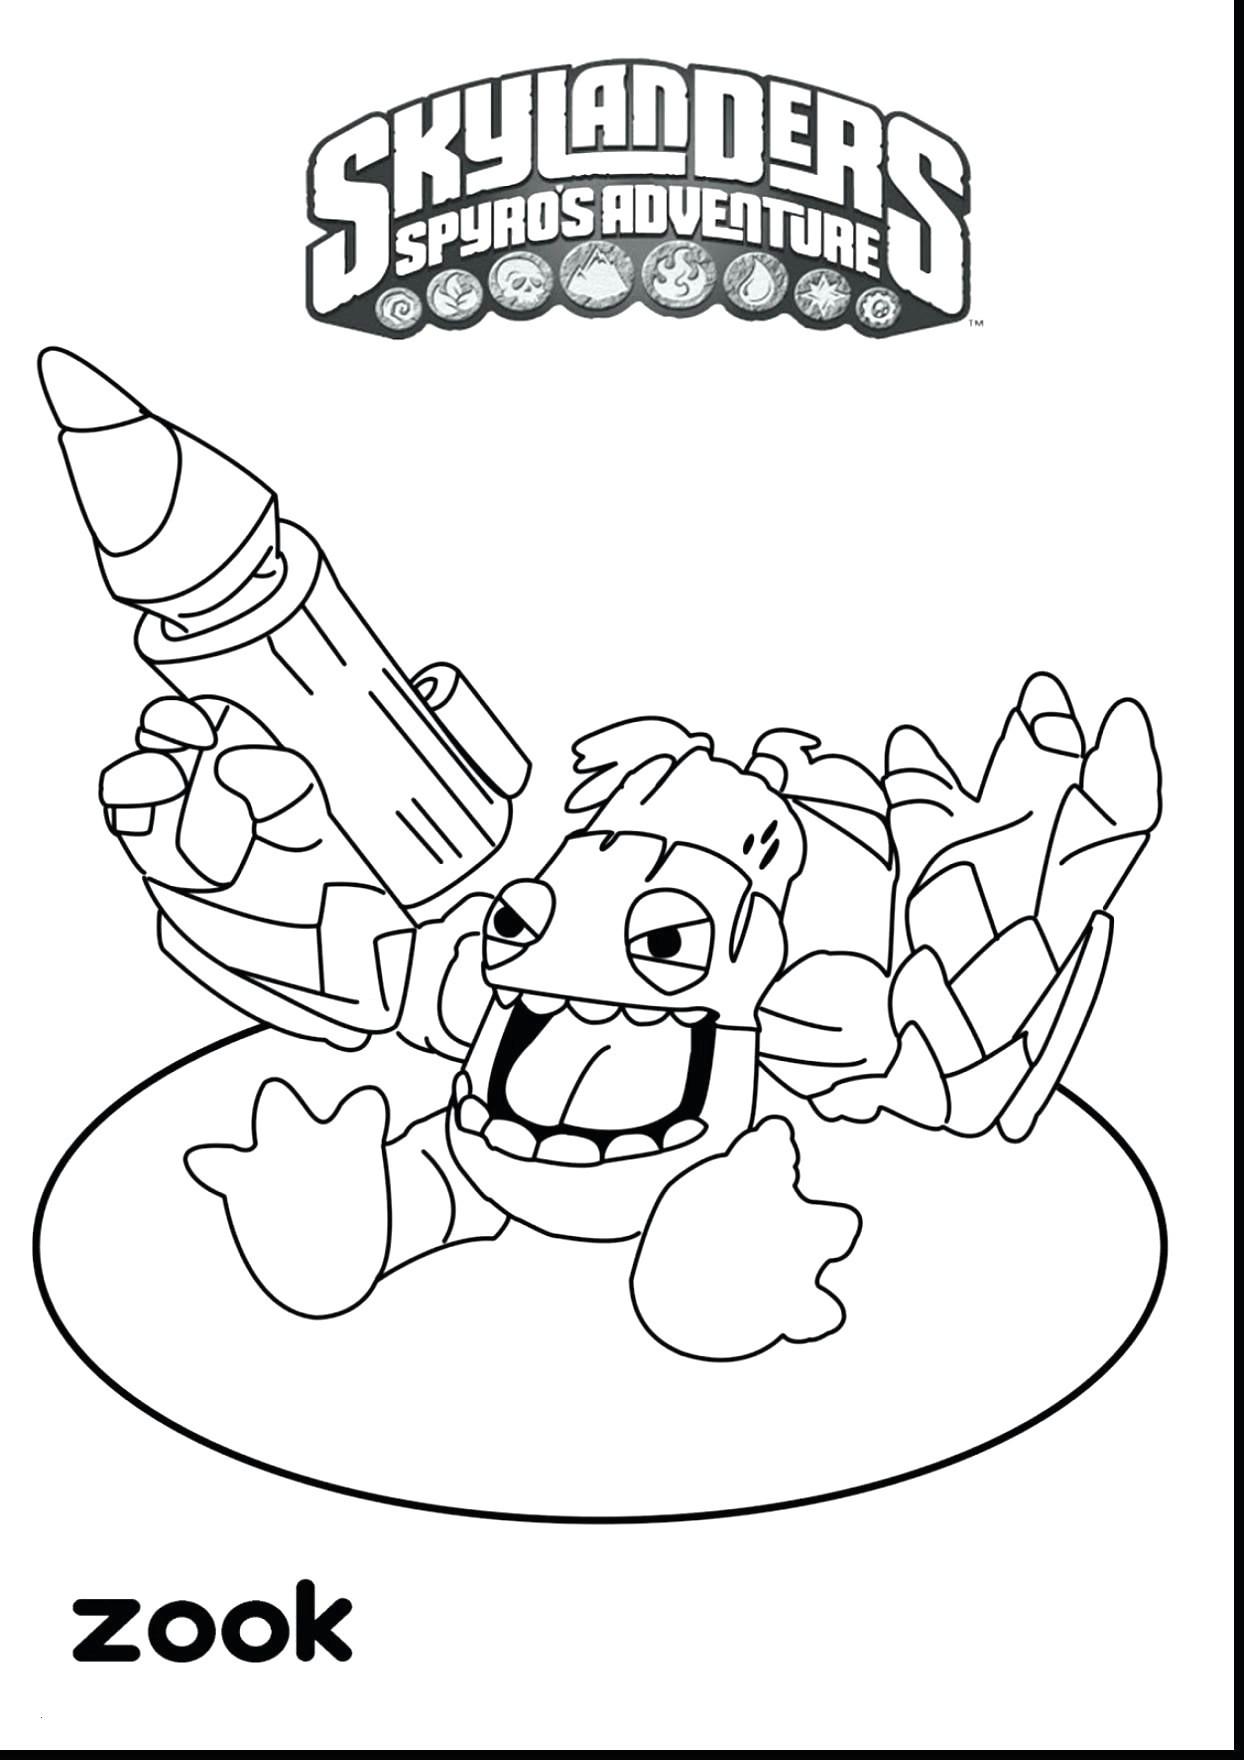 doodle art worksheets new printable doodle art coloring pages coloring pages coloring pages